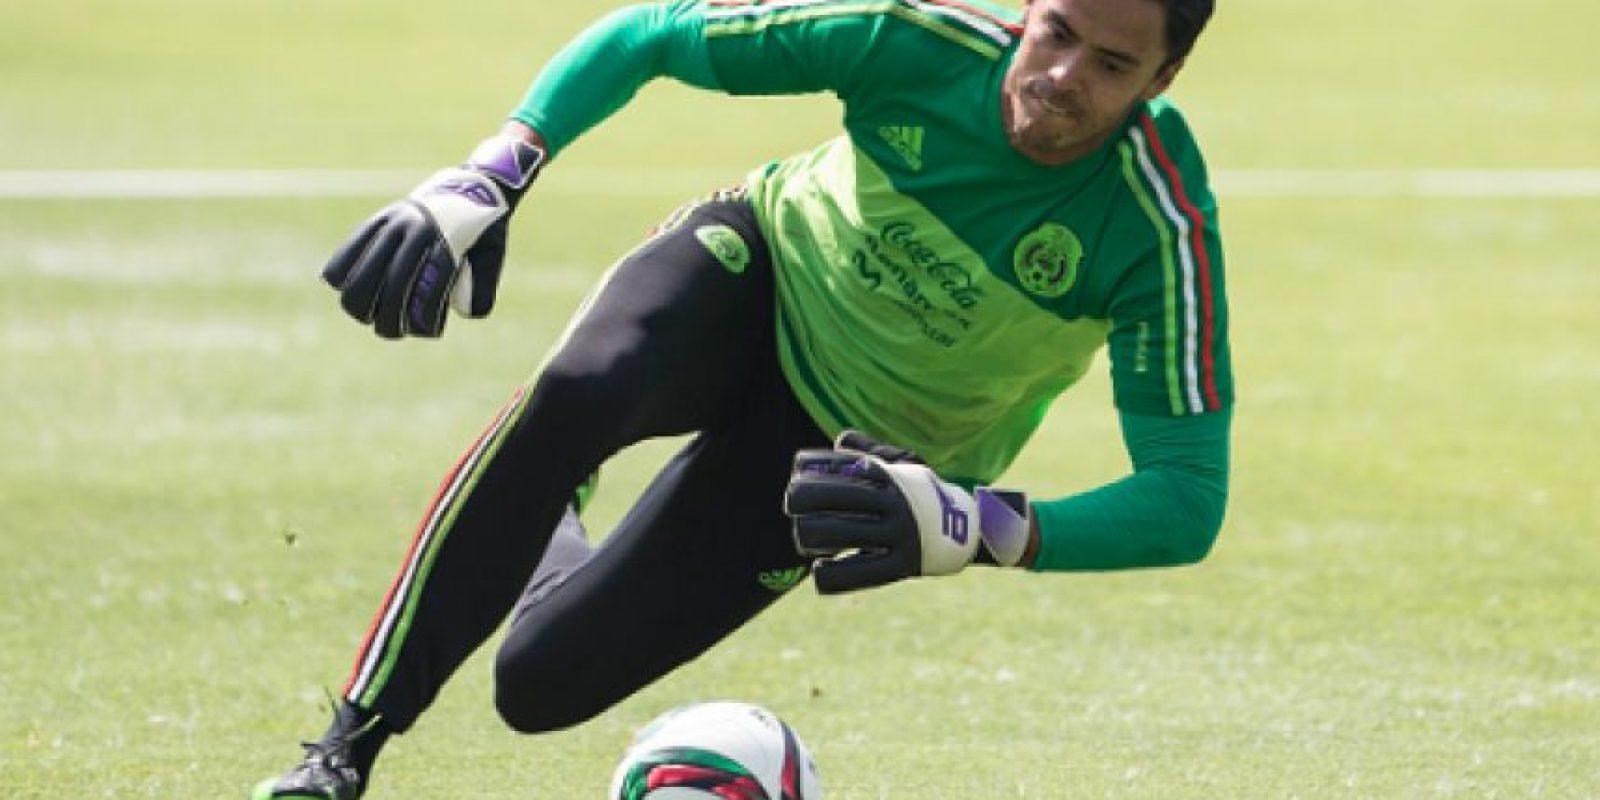 Alfredo Talavera etsá en duda para jugar en Juegos Olímpicos Foto:Getty Images